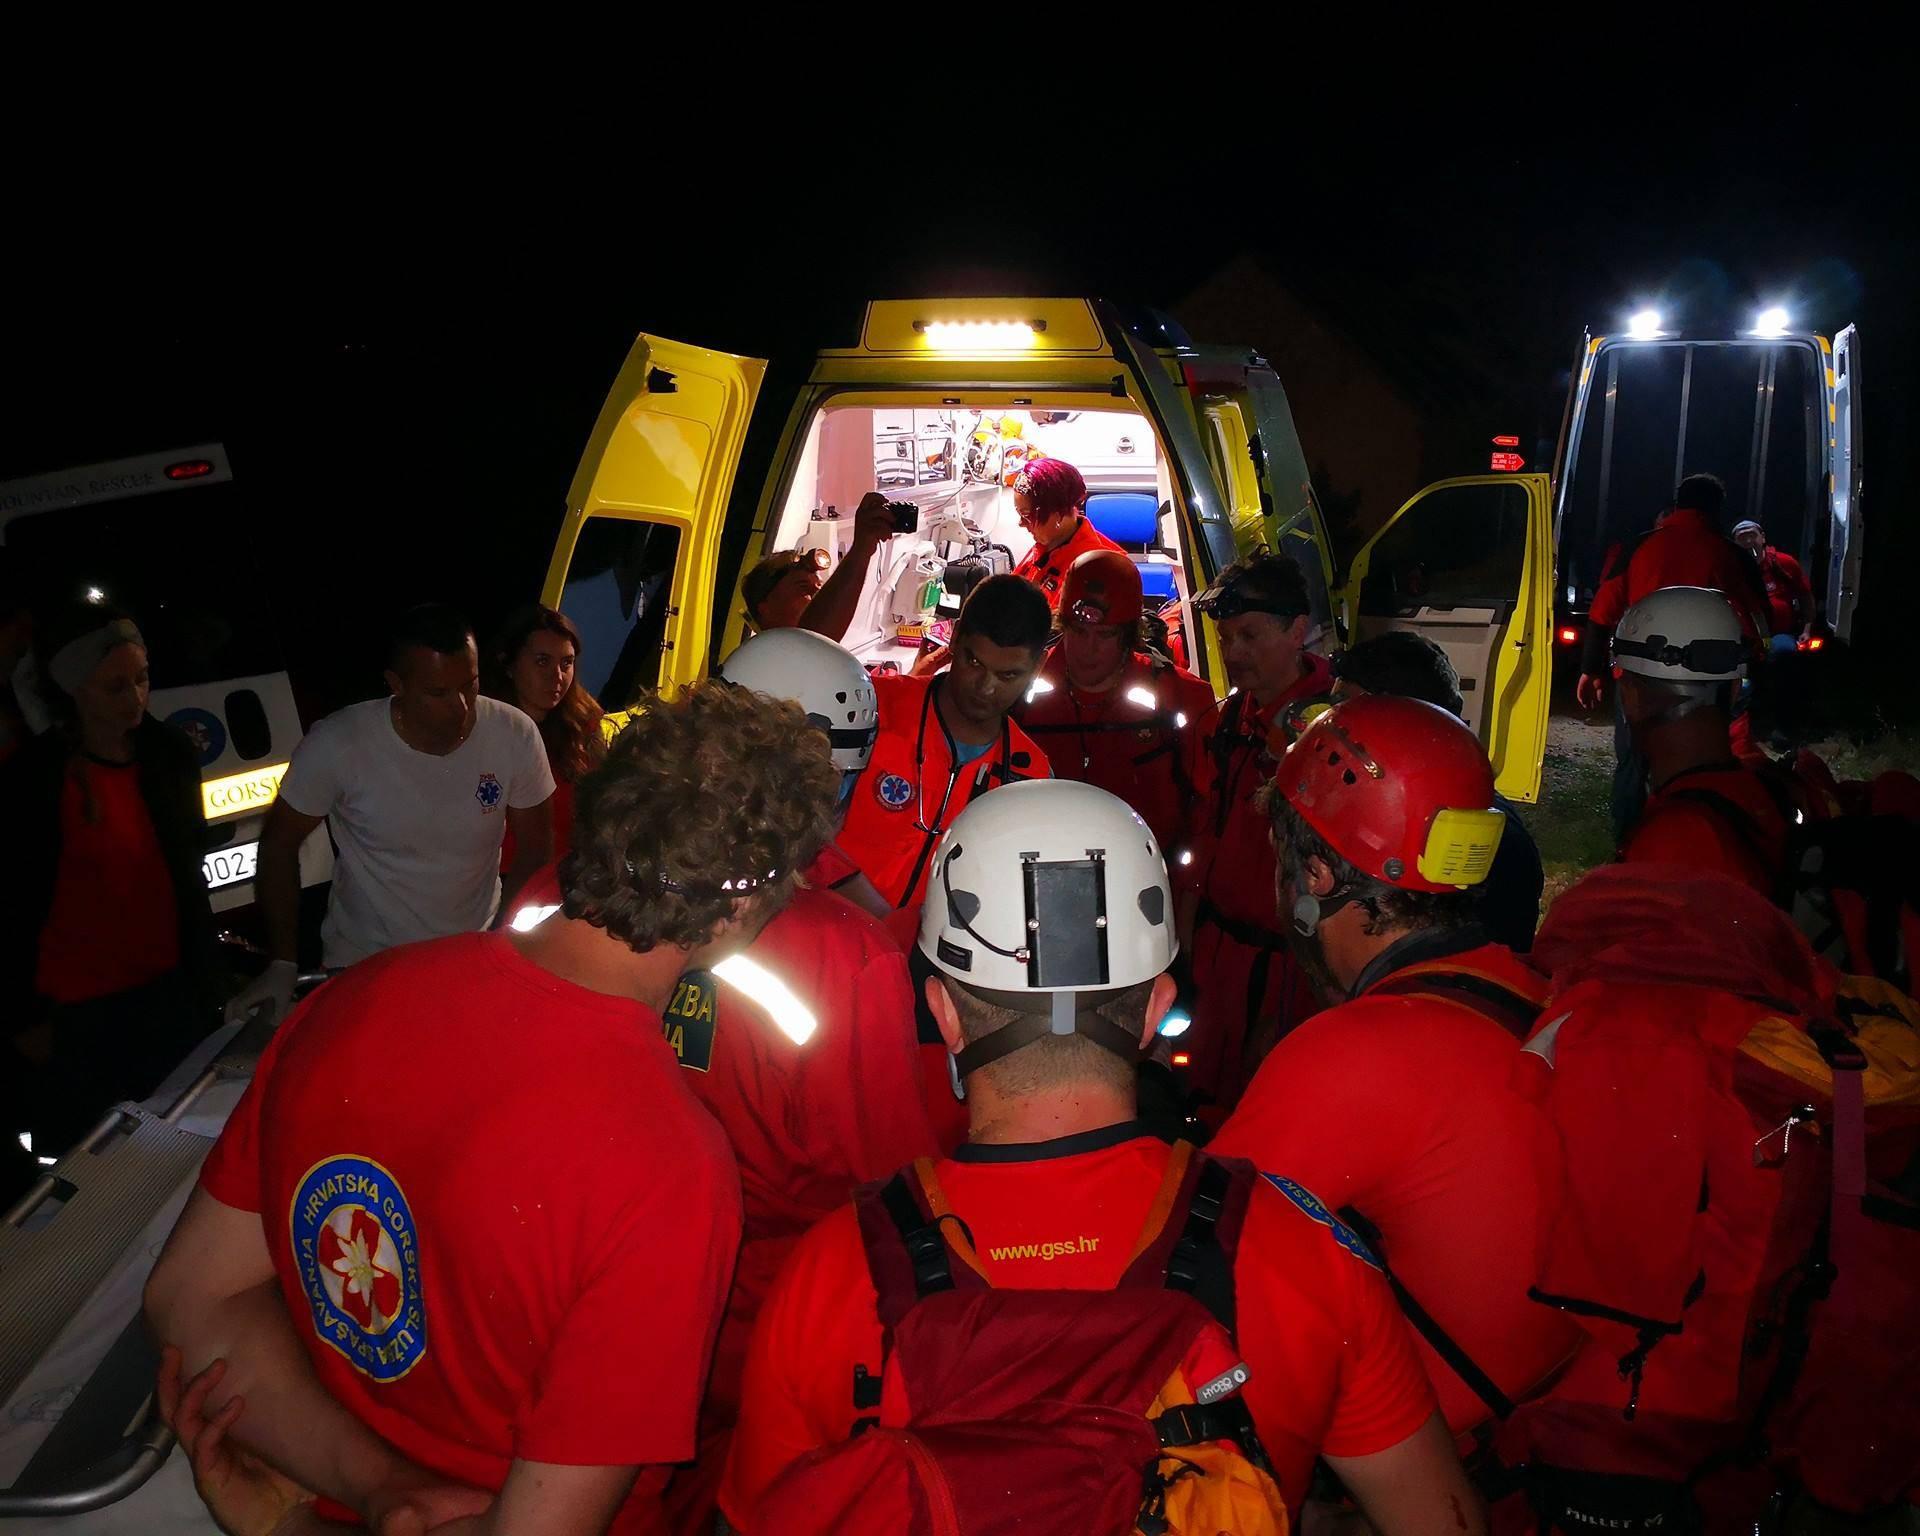 Našli izgubljeni par: Poljak pao, teško je ozlijedio glavu i nogu